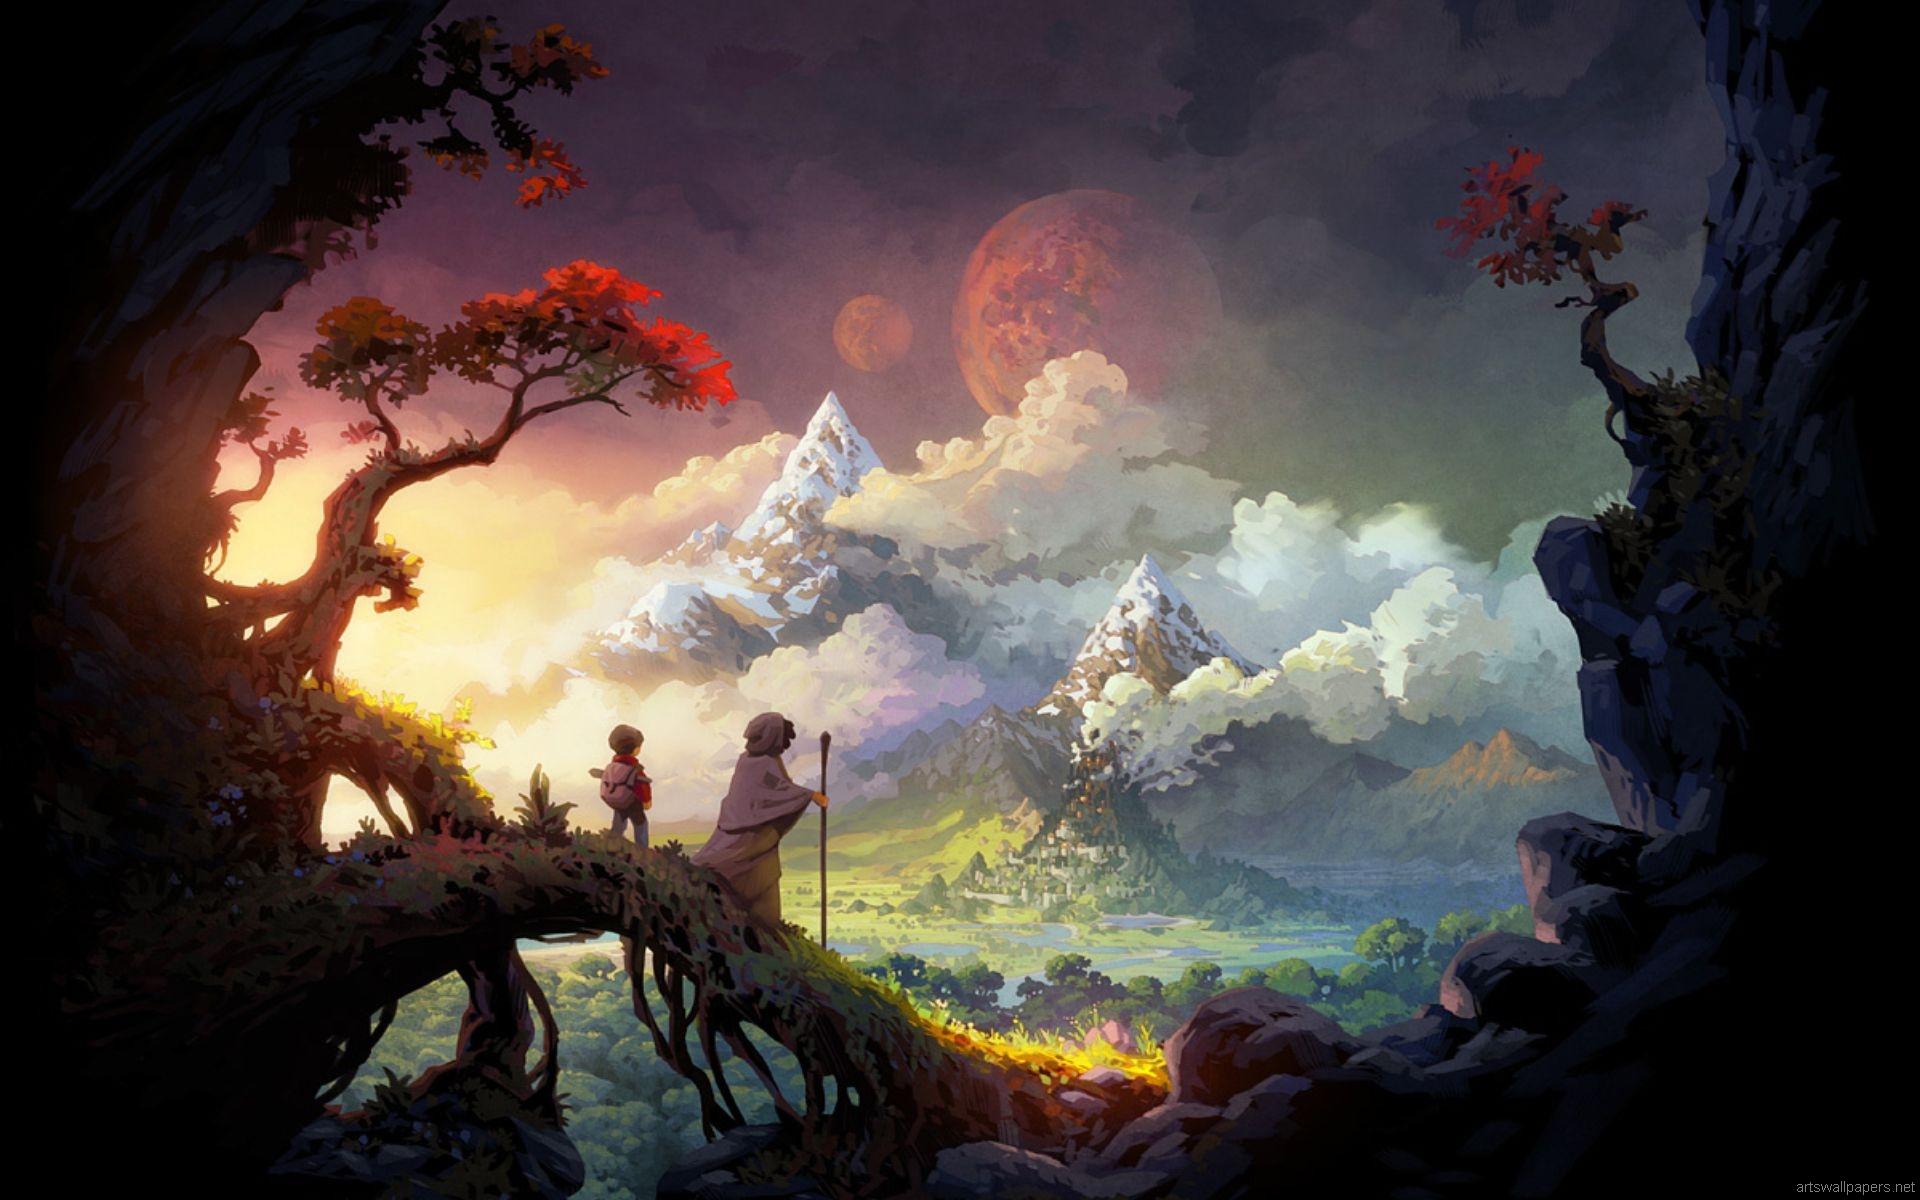 Fantasy Wallpapers HD Widescreen - WallpaperSafari